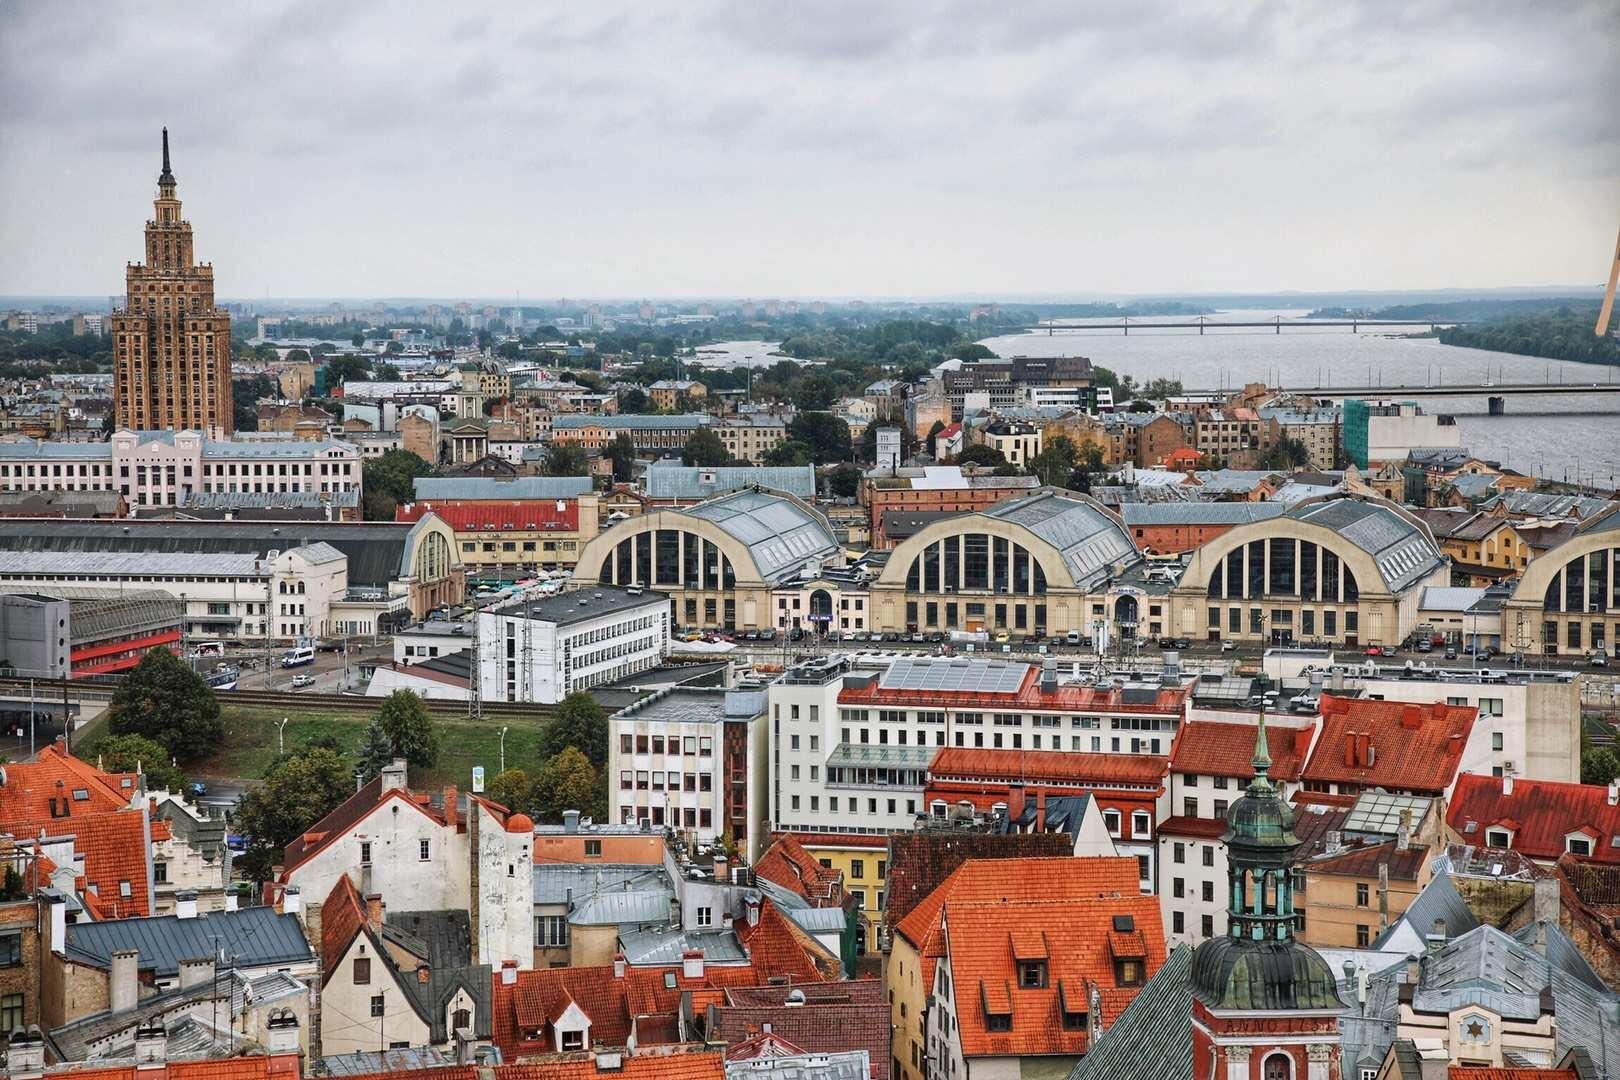 欧洲旅游攻略收藏:8天玩转6个攻略的攻略,便宜rooms国家6图片